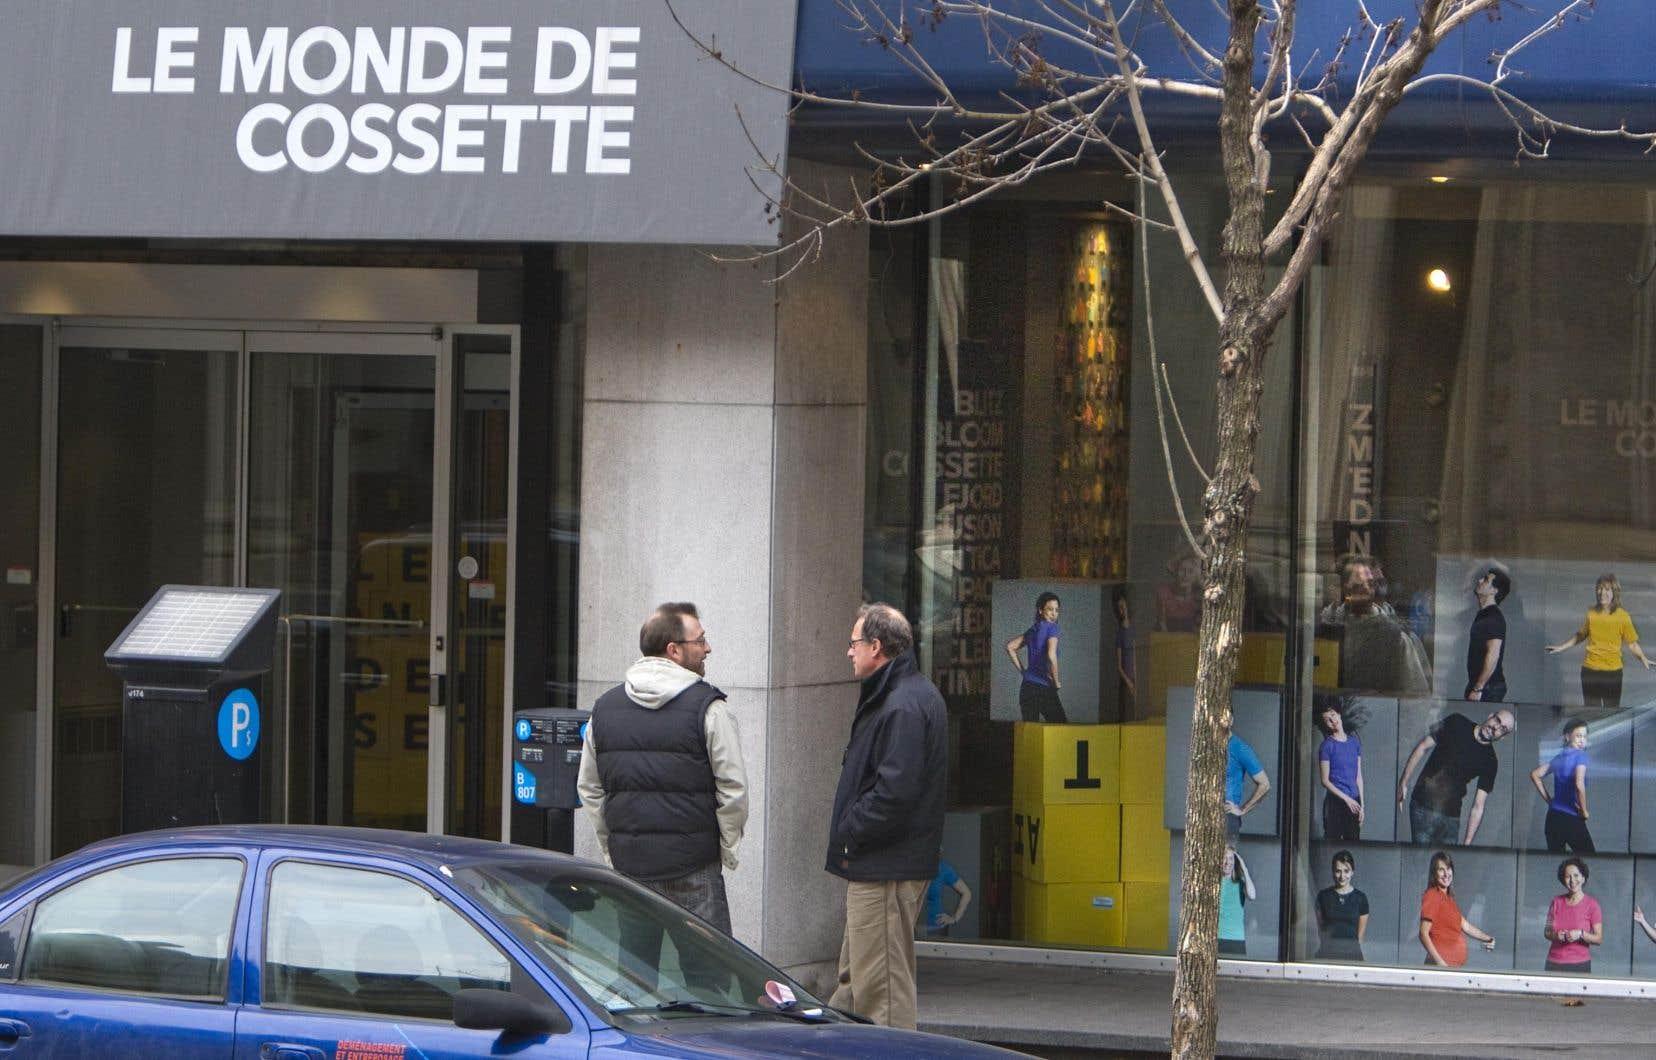 Une agence du groupe Cossette en 2009, à Montréal. Après avoir changé de propriétaire à deux reprises, l'agence de publicité et de services marketing voit son actionnariat redevenir en partie québécois.